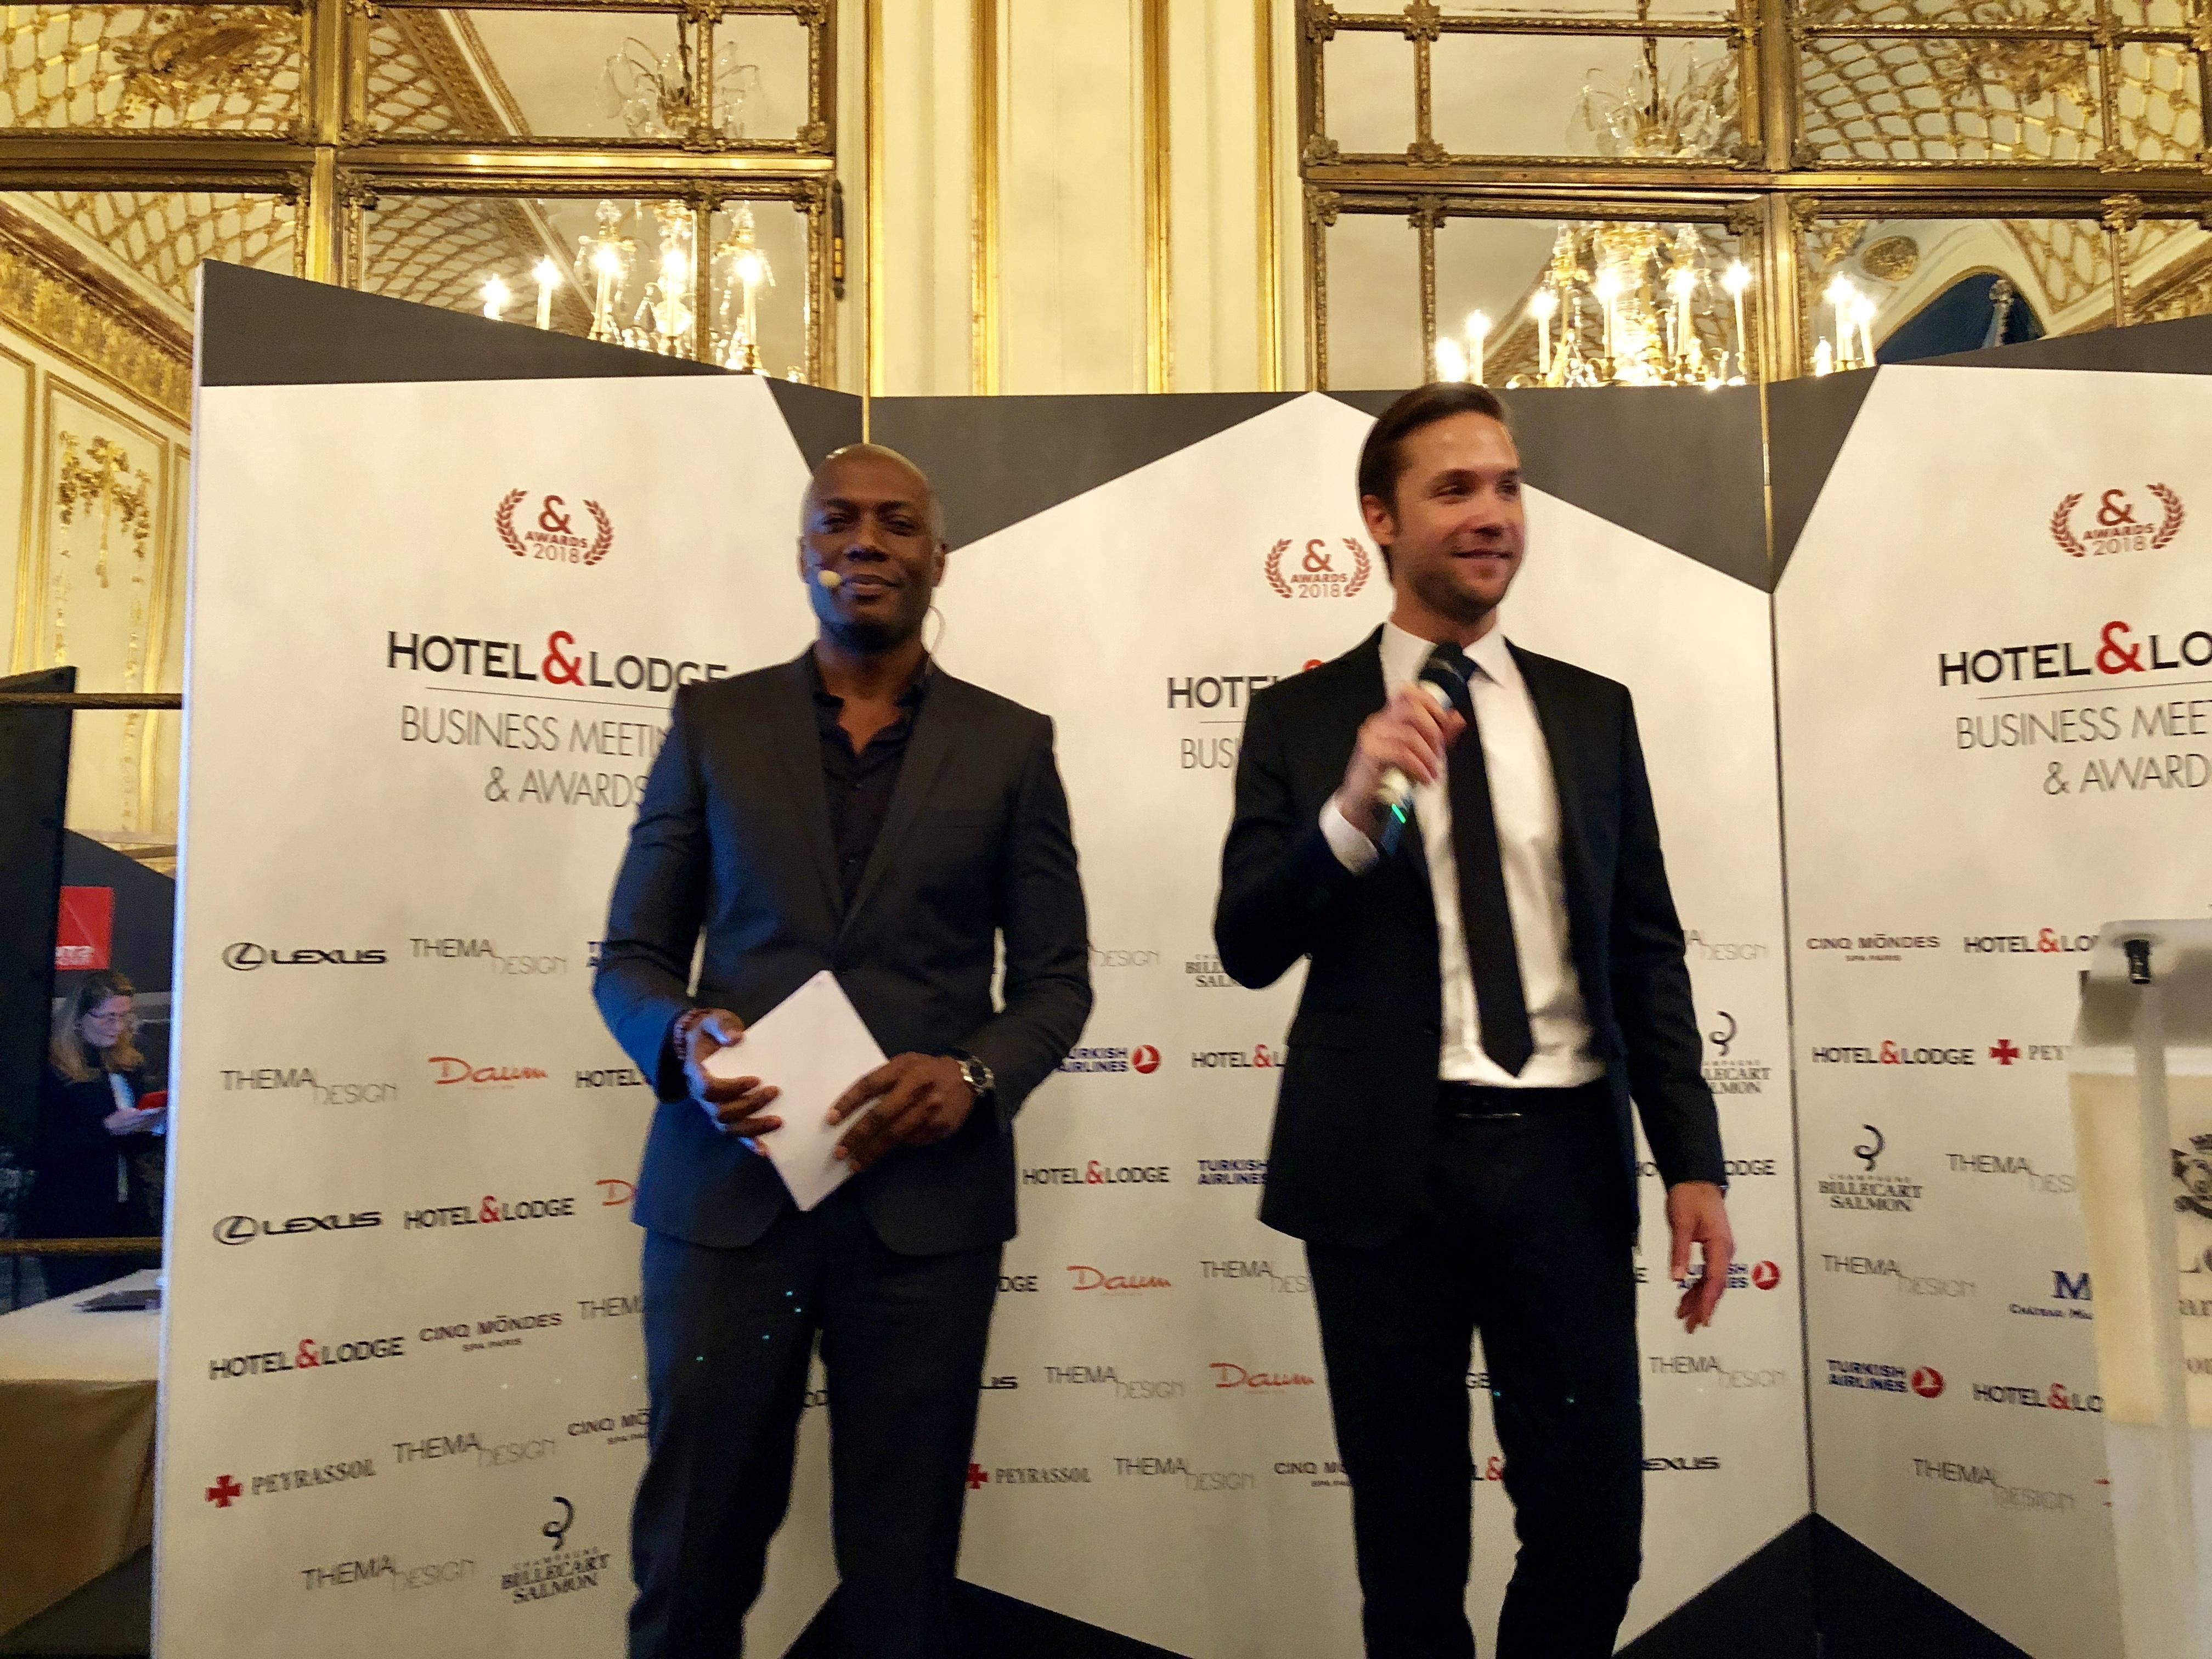 Jérôme Gruget, directeur Général du groupe Hôtel & Lodge, avec Harry Roselmack, les deux chevilles ouvrières de la soirée /photo JDL